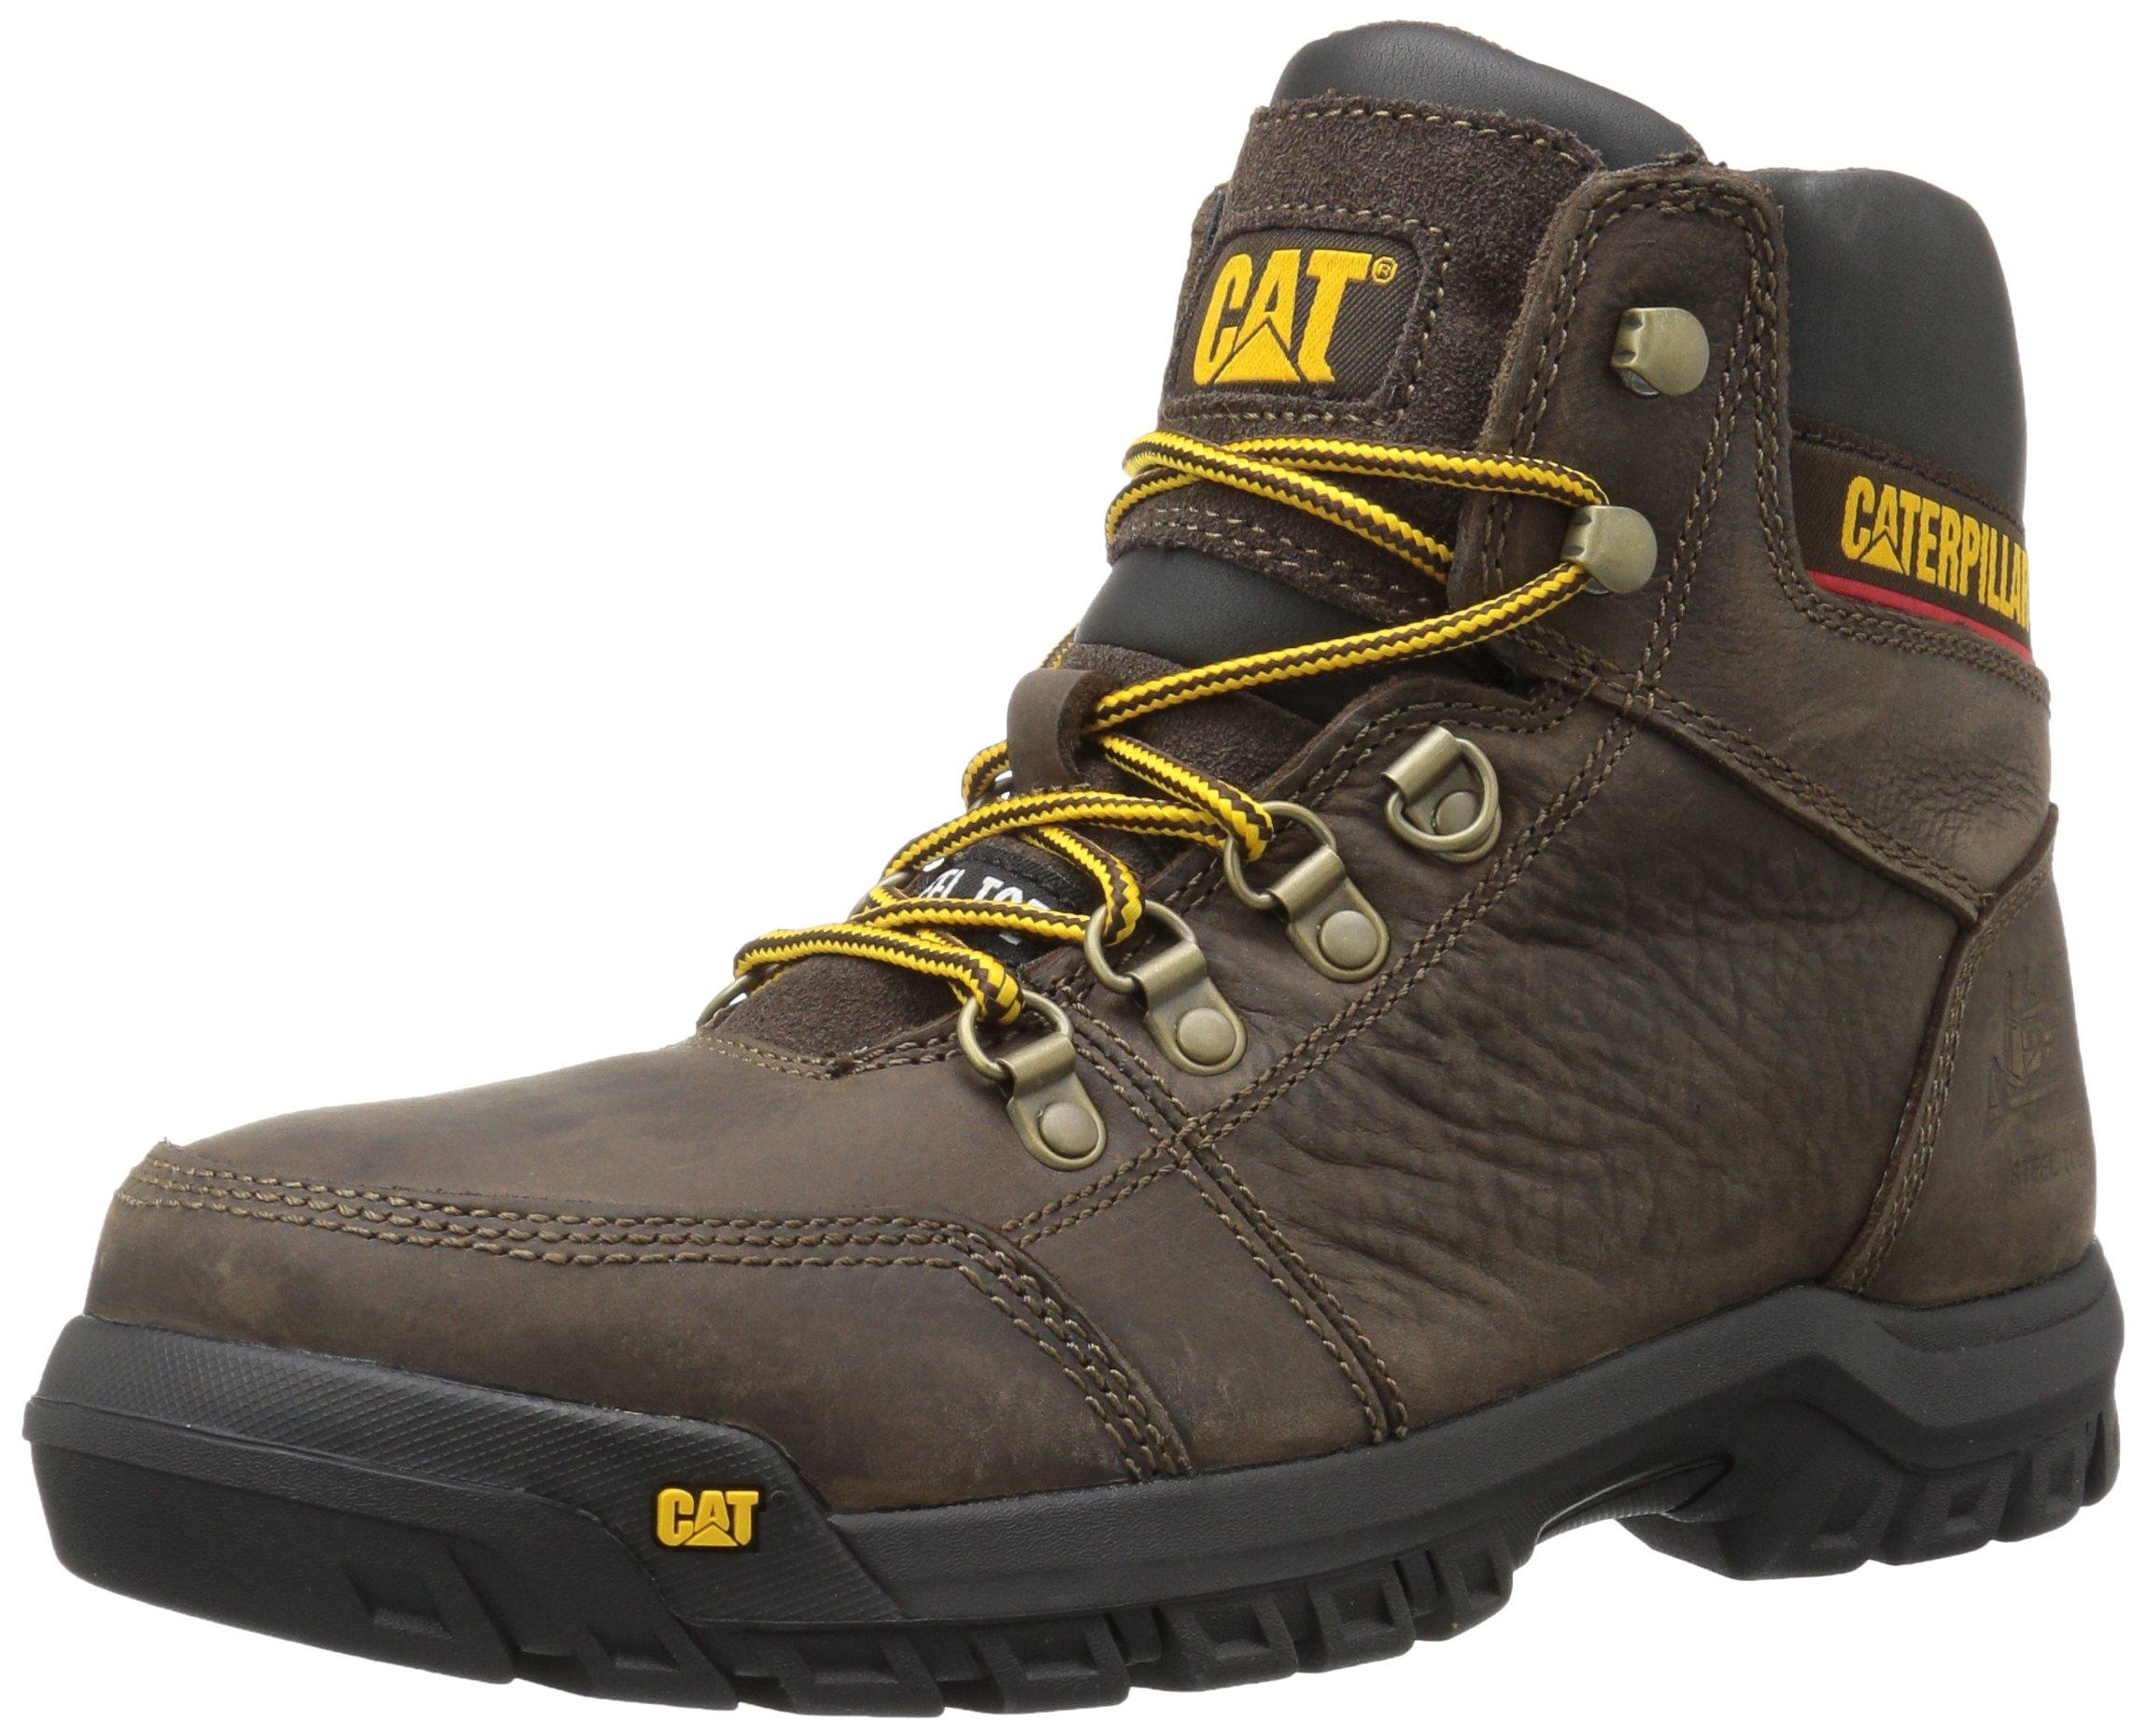 Caterpillar Men's Outline Steel Toe Work Boot, Seal Brown, 10.5 M US